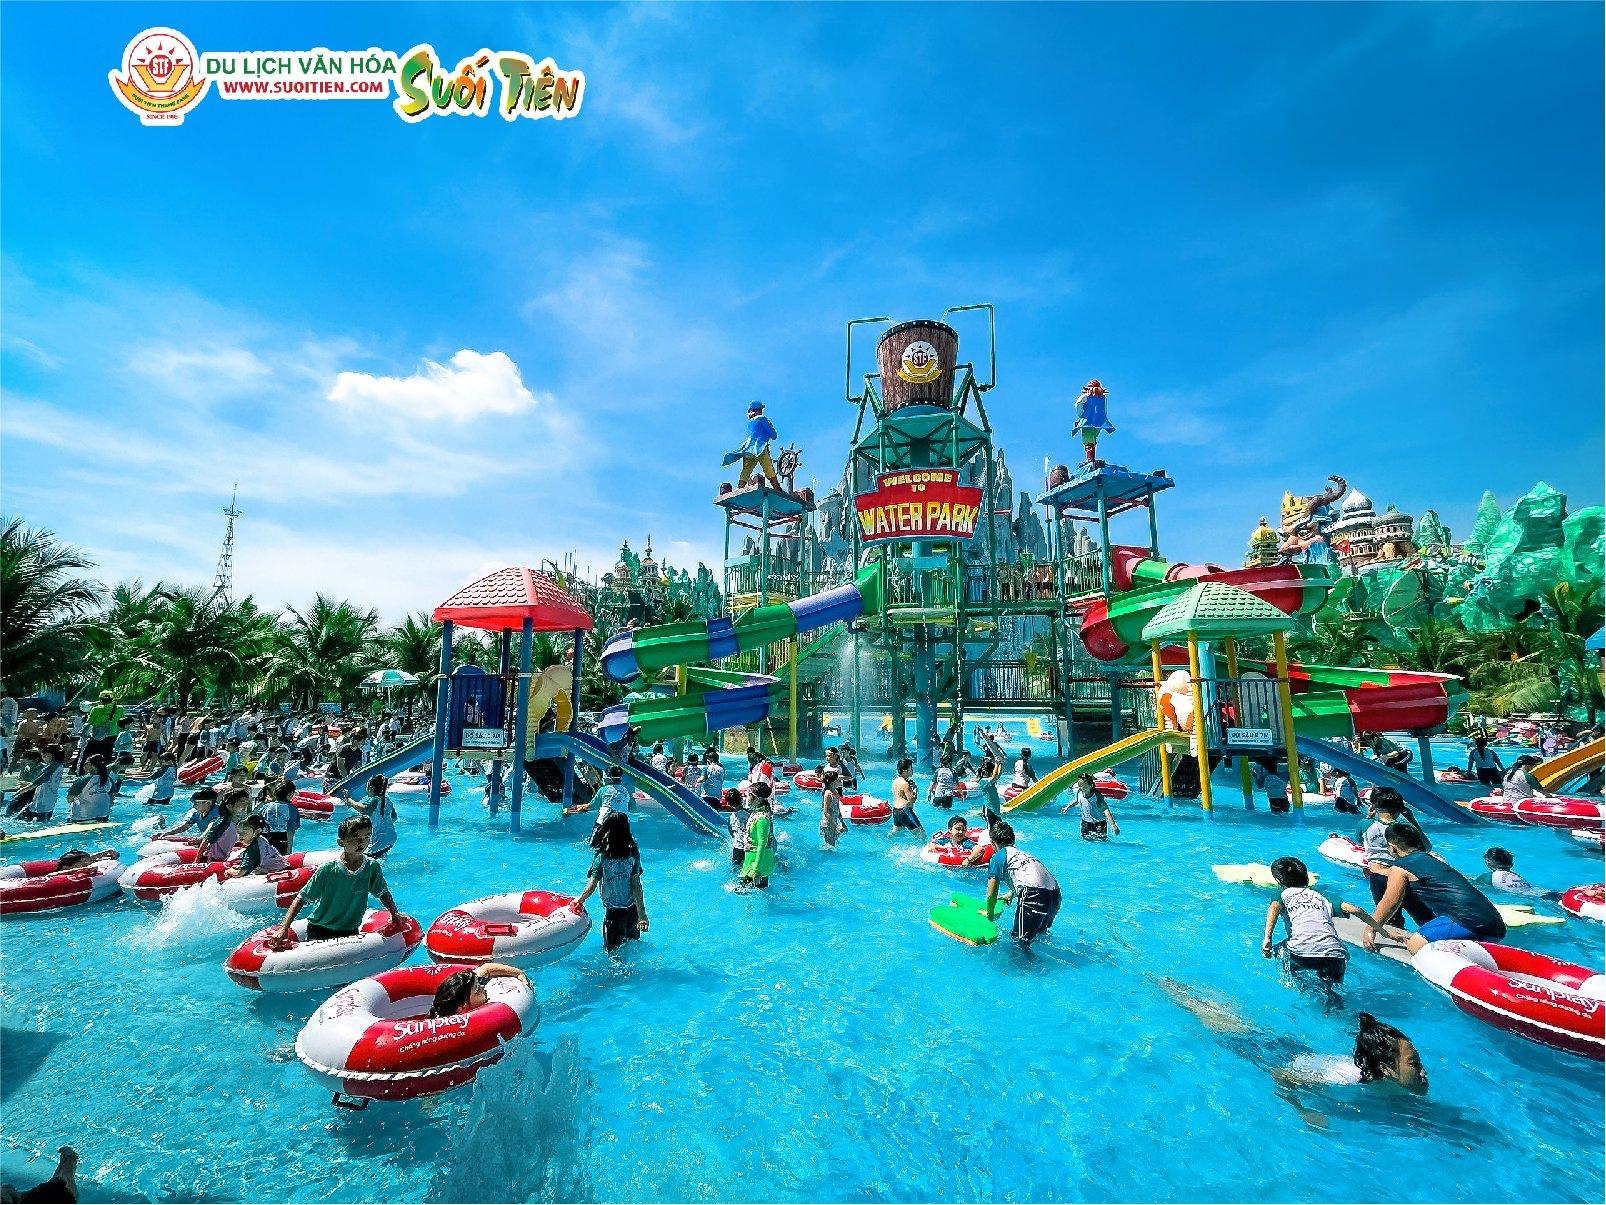 Khám phá những địa điểm vui chơi Tết Nguyên đán 2021 ở Sài Gòn 2021 - Ảnh 13.